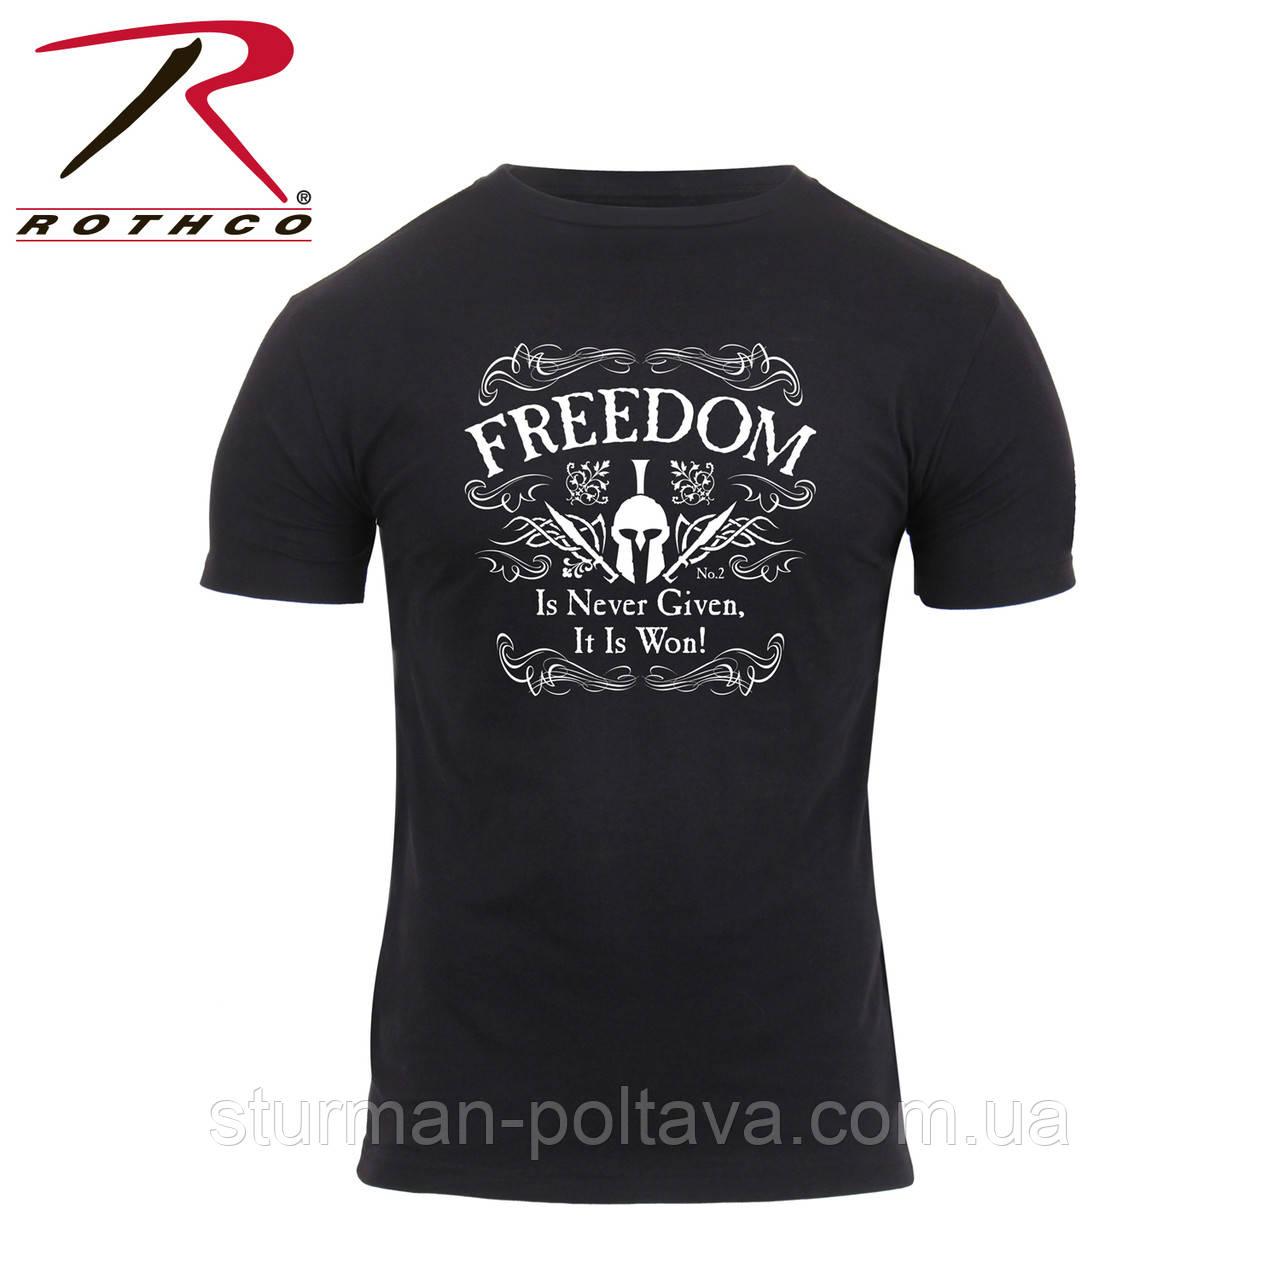 Футболка мужская  - Свобода никогда не дается, всегда завоевывается  Athletic Fit Freedom T-Shirt   Rothco